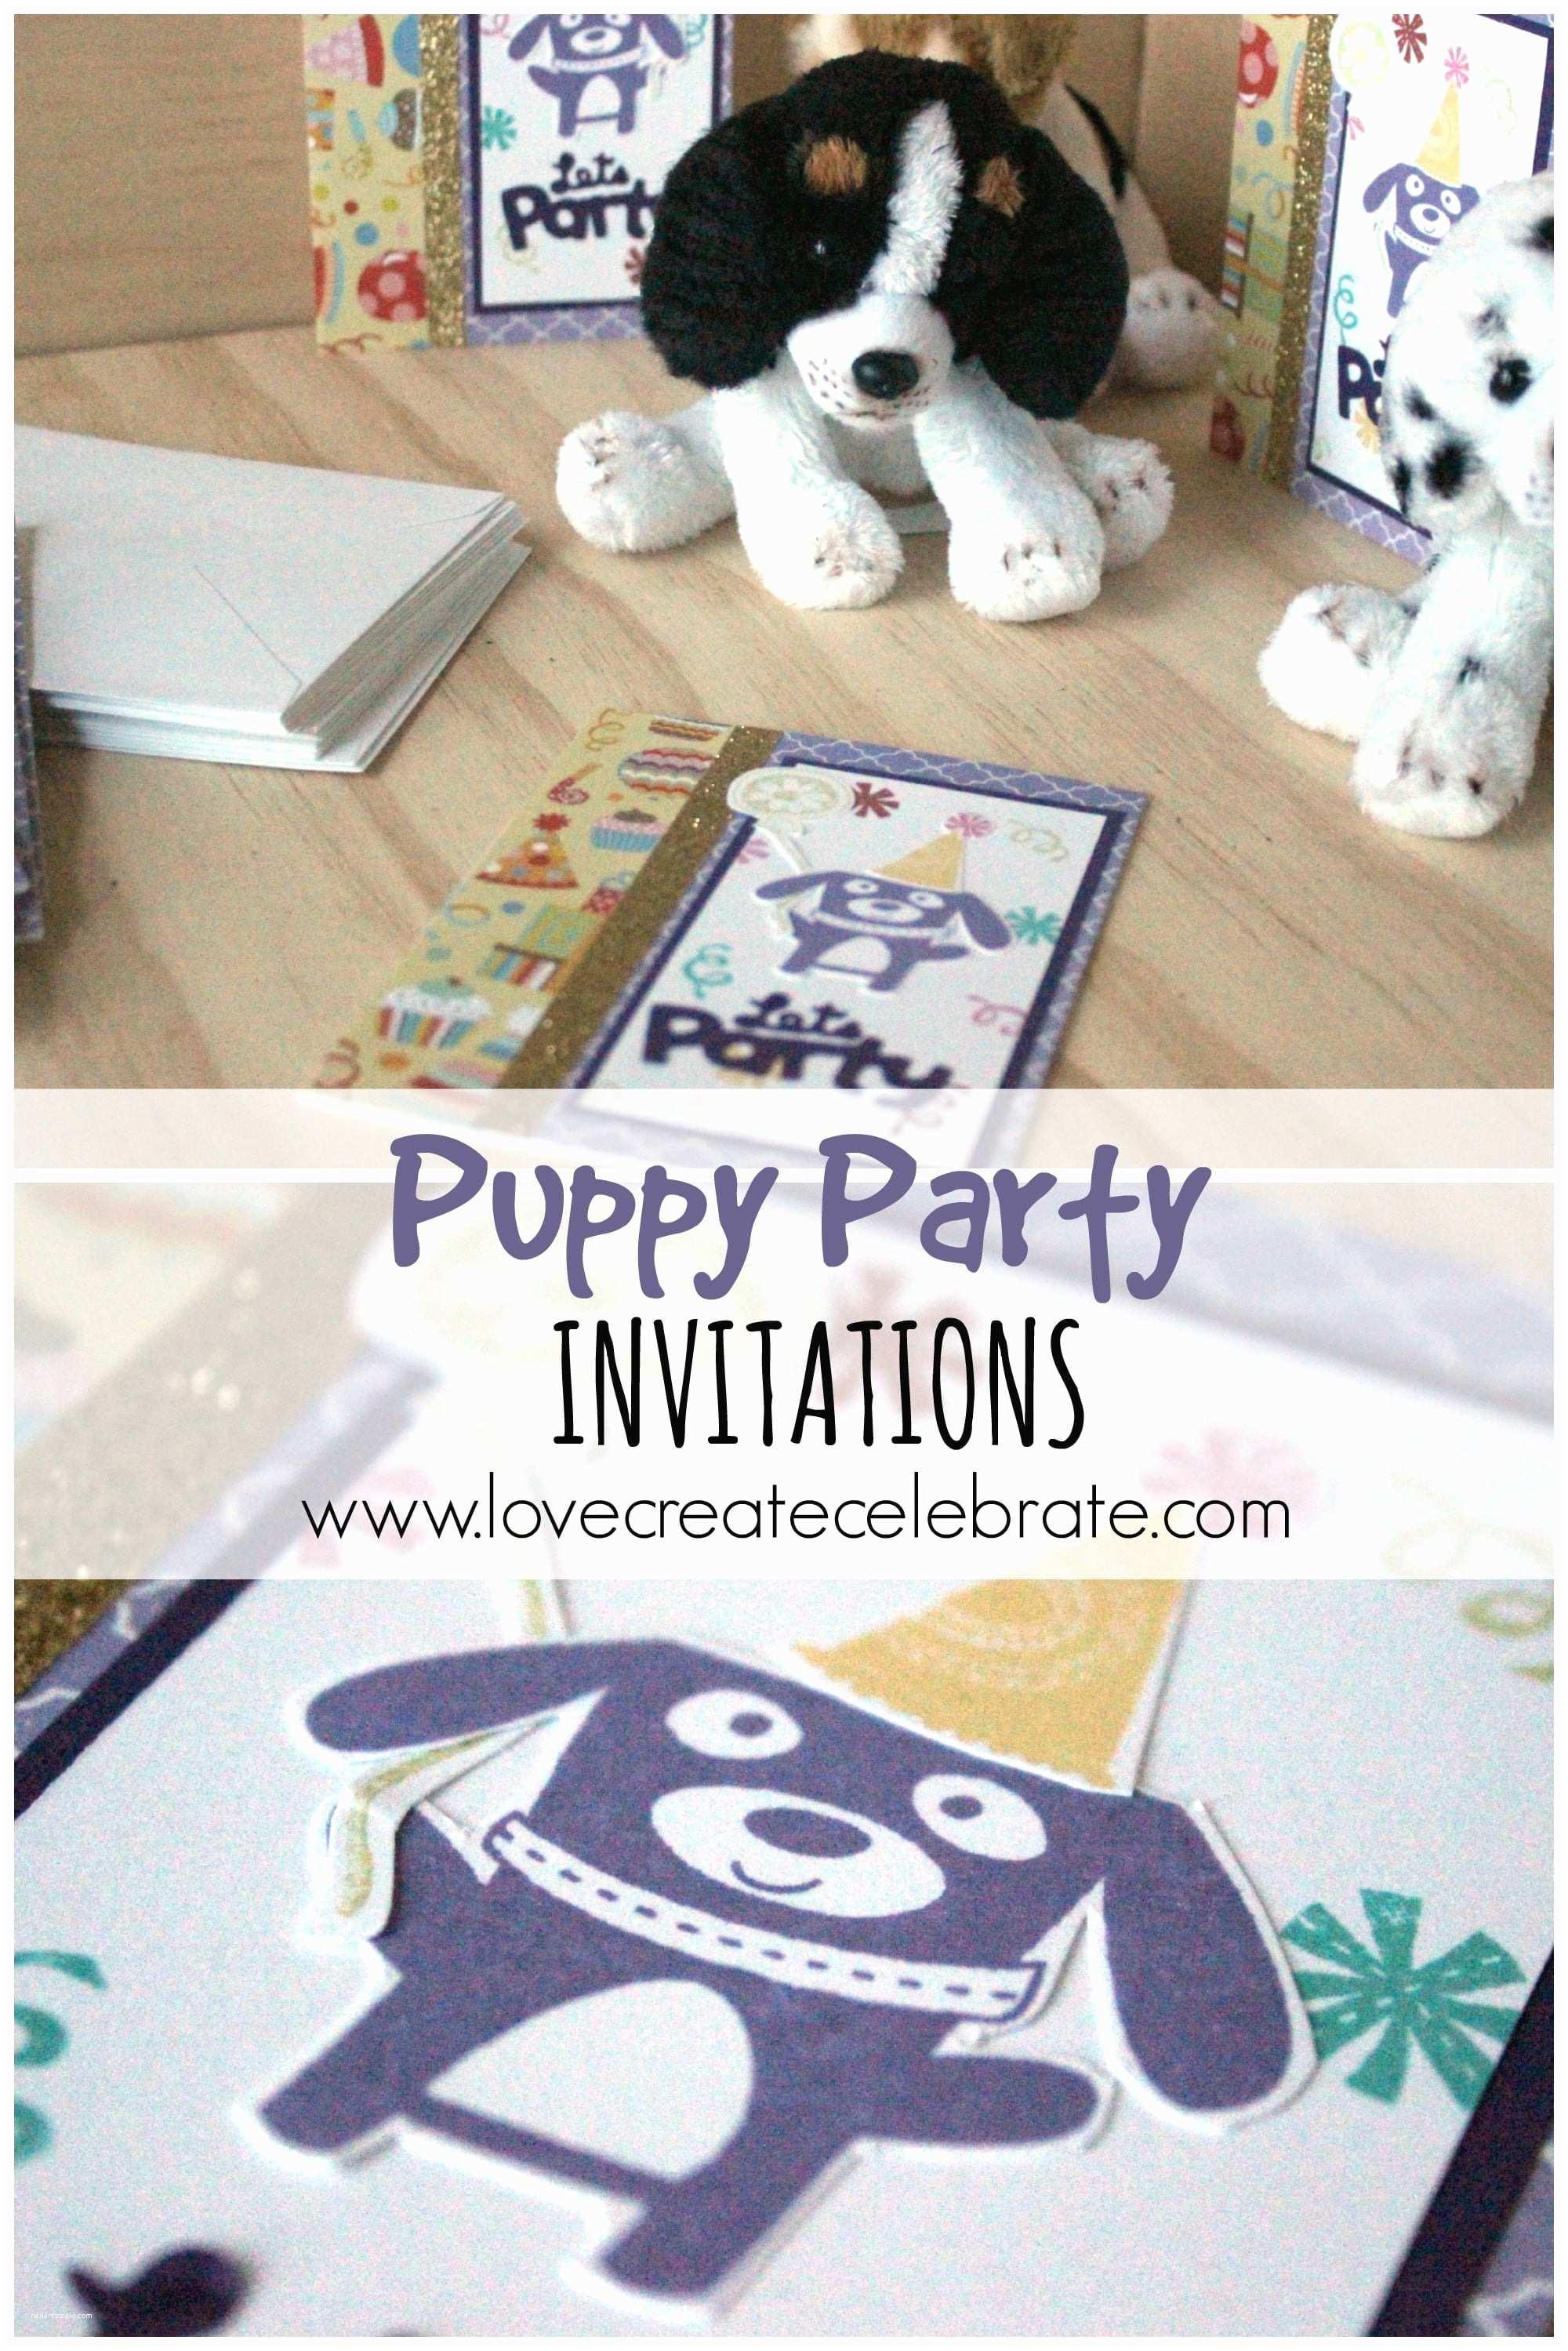 Puppy Party Invitations Puppy Party Invitations Love Create Celebrate